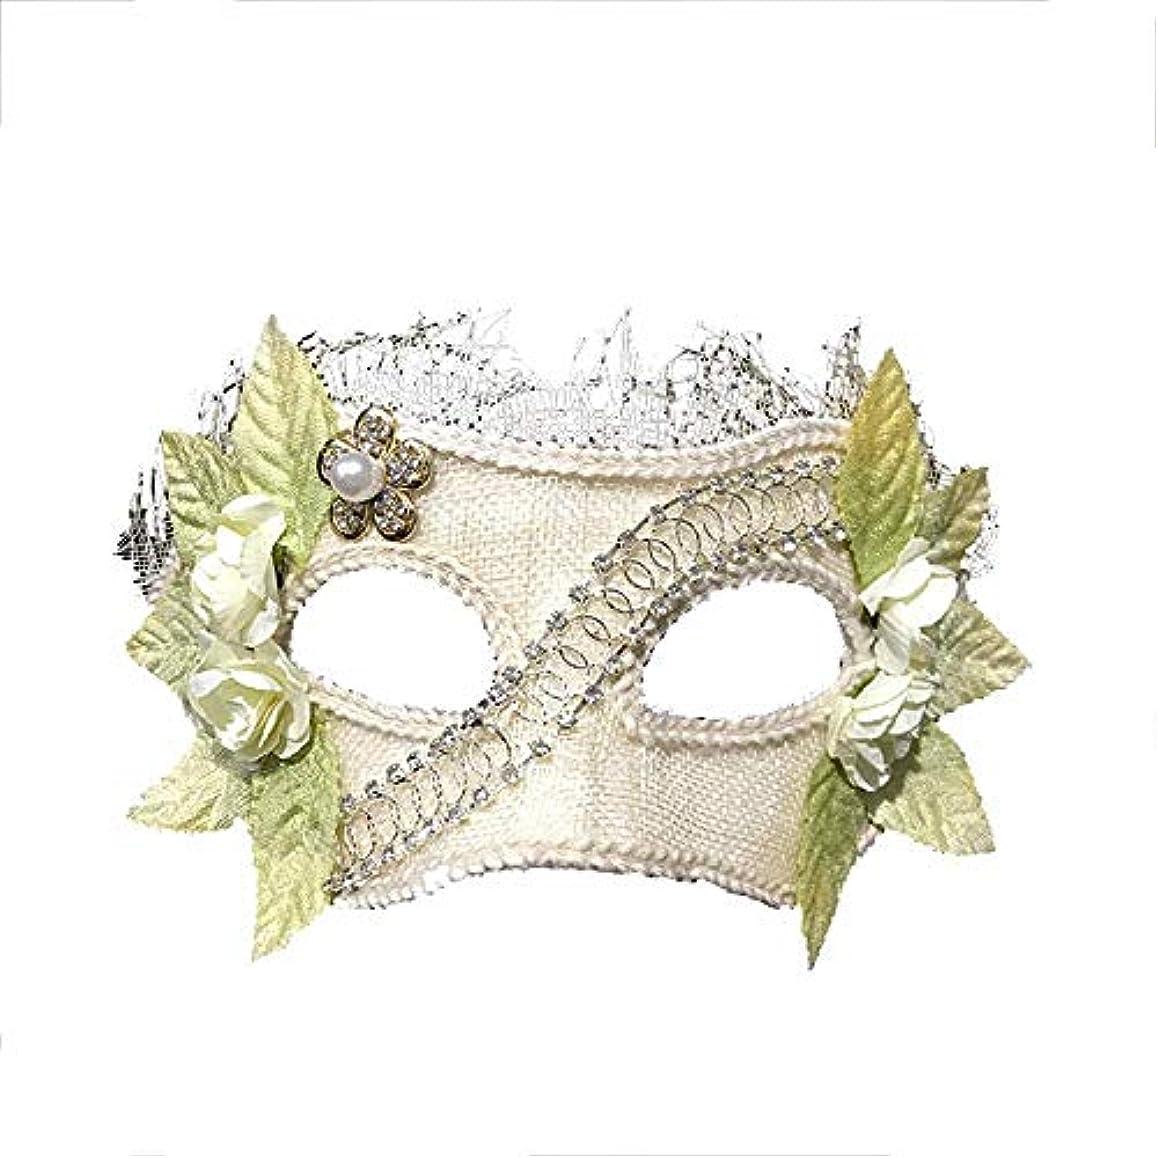 引退する着る非武装化Nanle ハロウィンクリスマスフラワーフェザービーズマスク仮装マスクレディミスプリンセス美容祭パーティーデコレーションマスク (色 : Style A)